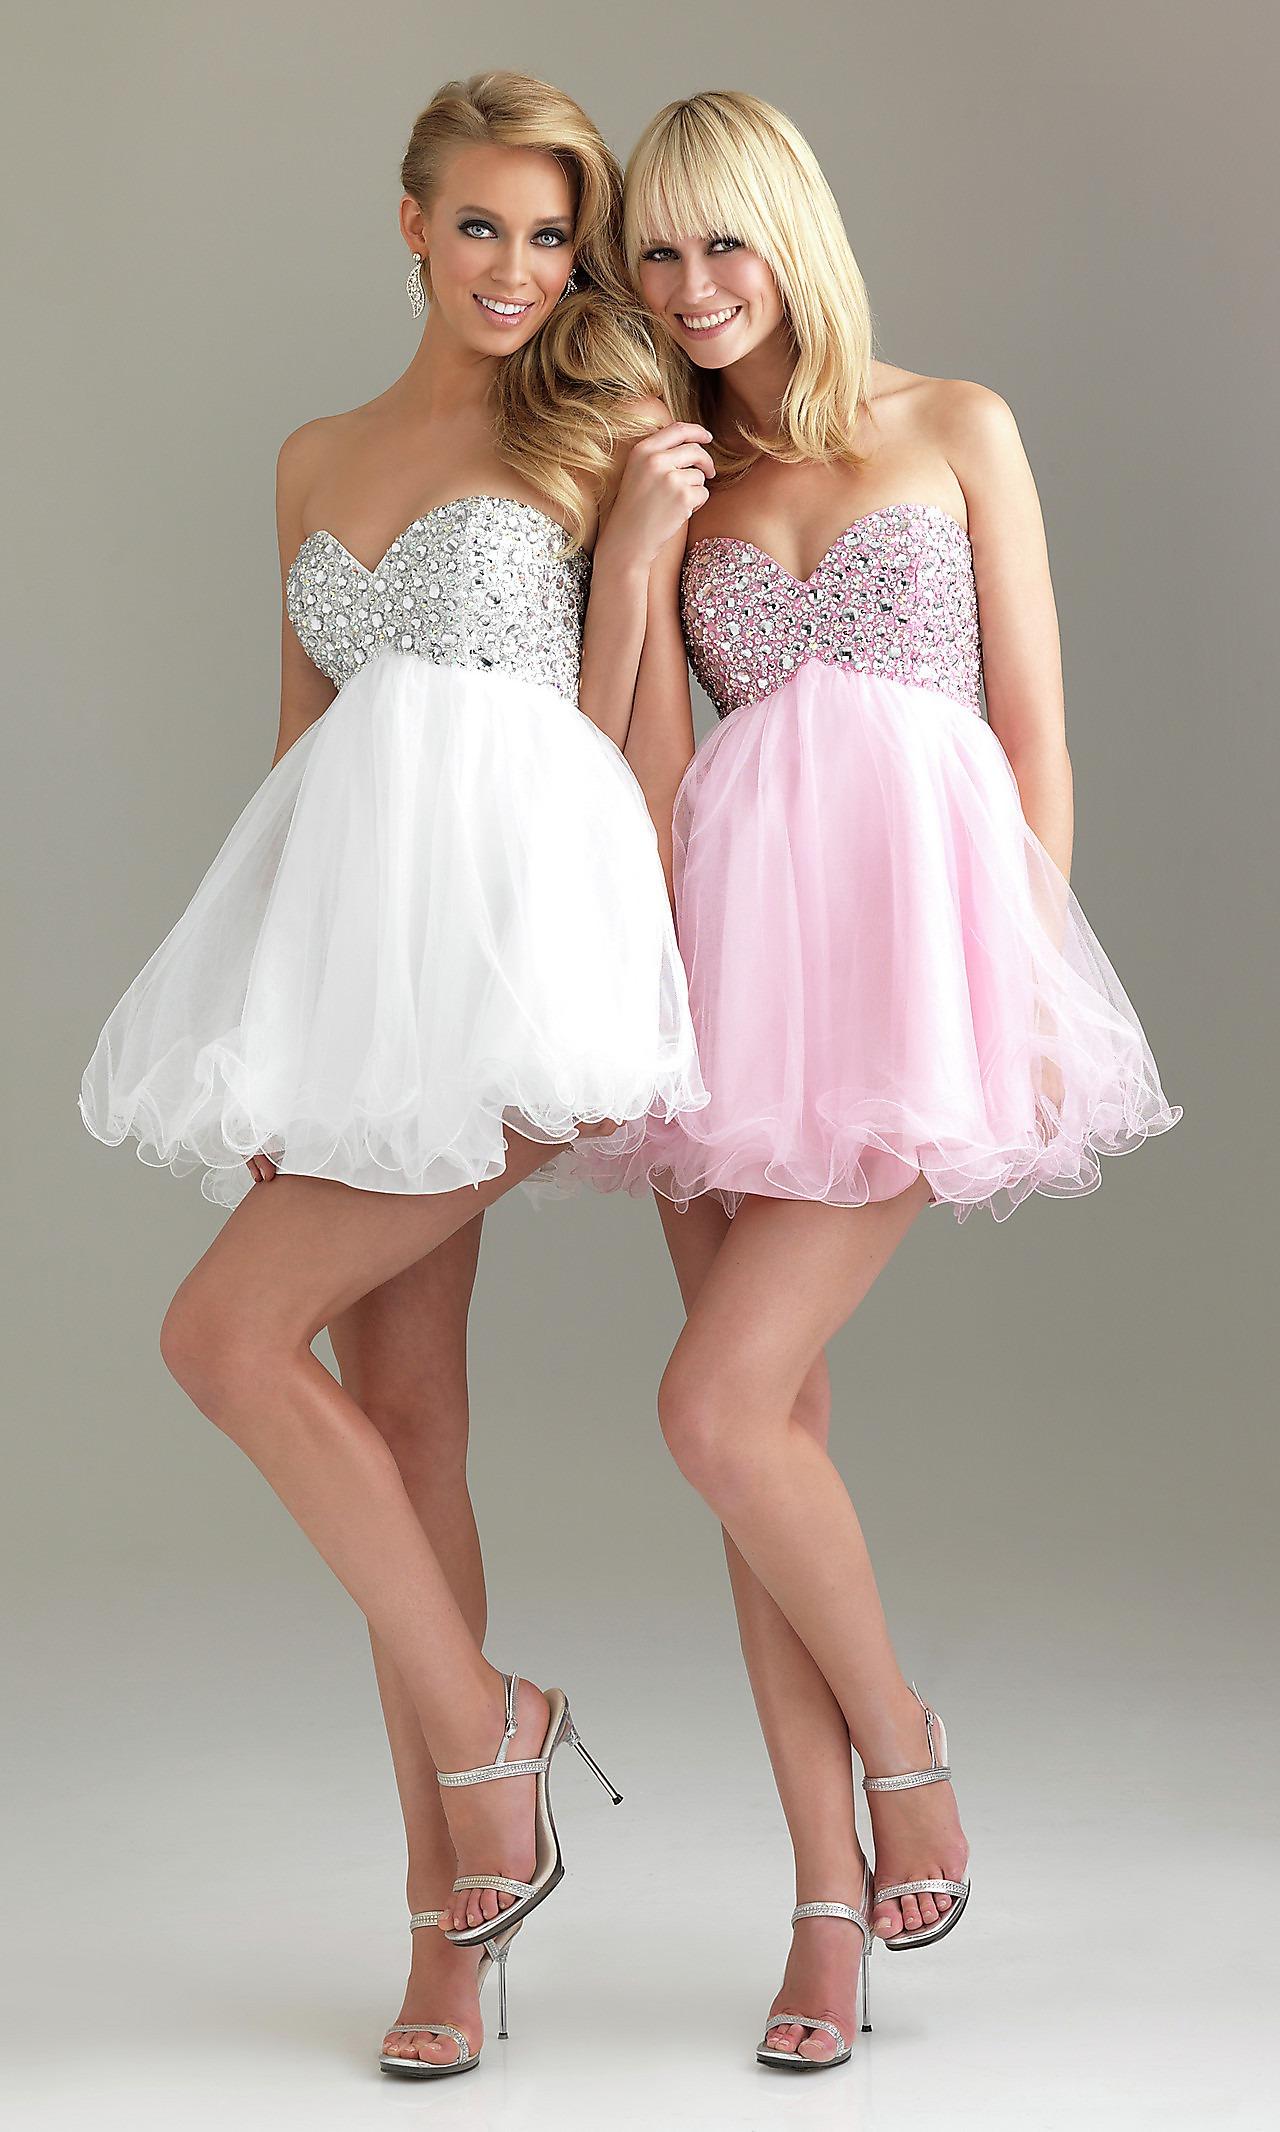 841ec2a3dde3641 Говоря о моде, то здесь стоит отметить юбку-«хризантему» из фатина. В  основном ее надевают женщины, которые любят эпатаж или представительницы  молодежных ...